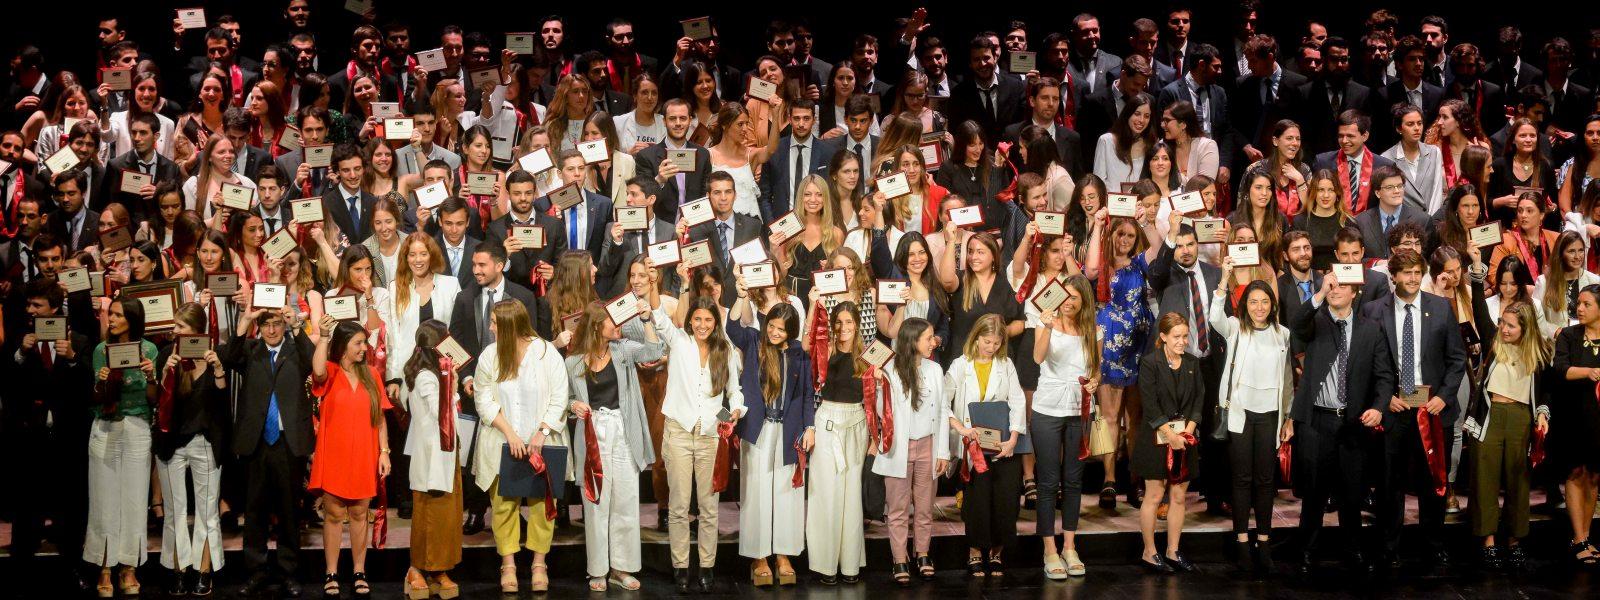 Graduados de la Universidad ORT Uruguay